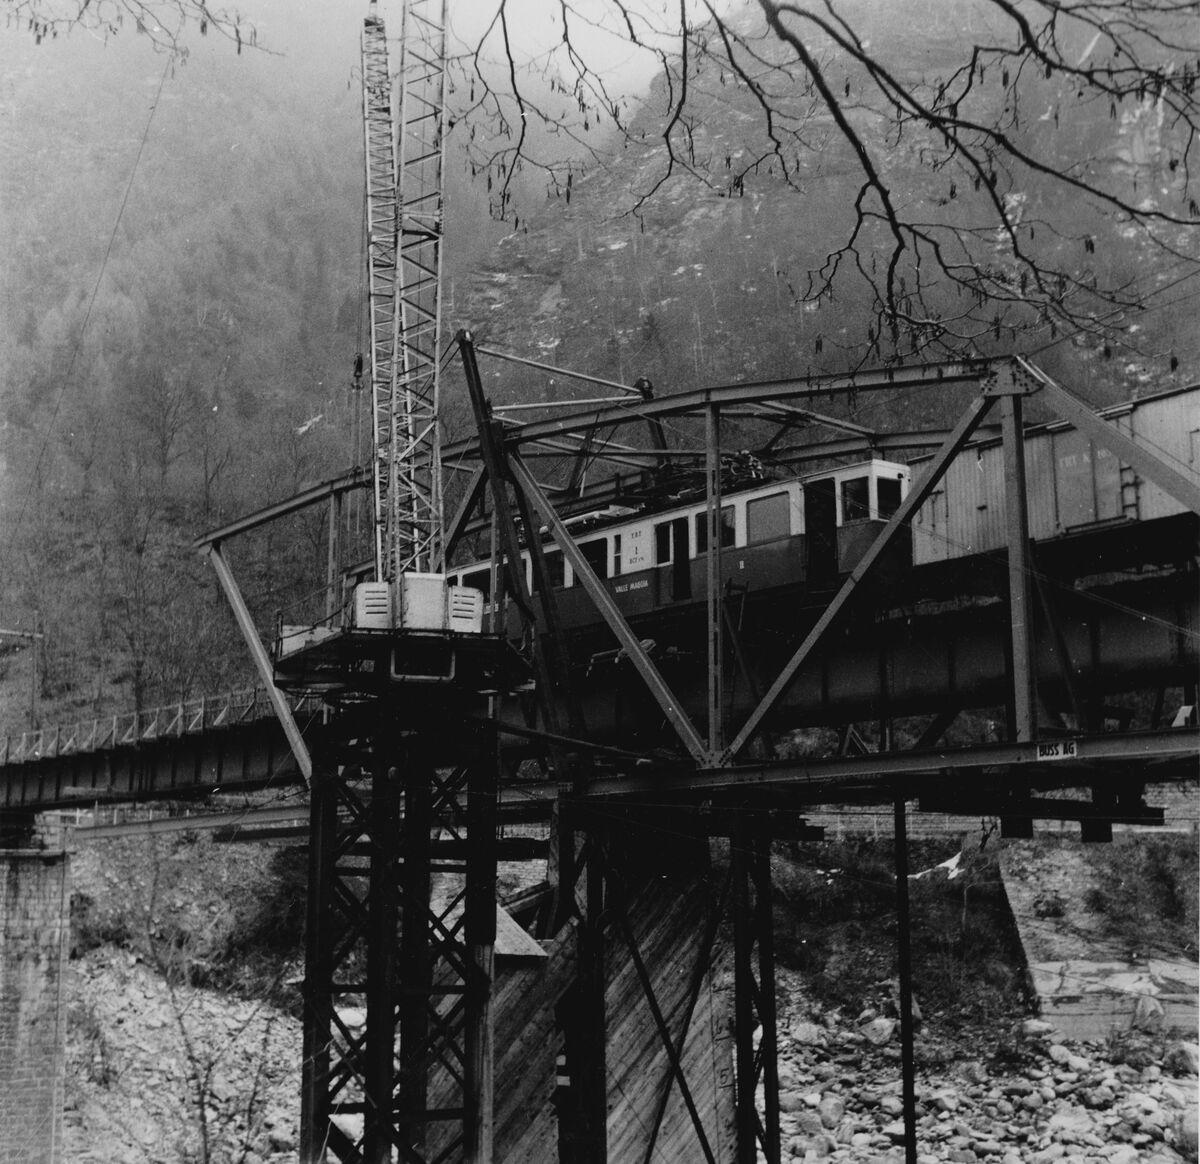 GFA 20/135.191: Stahl- und Brückenbau: Ponte Brolla Bahnbrücke Bauzustand...